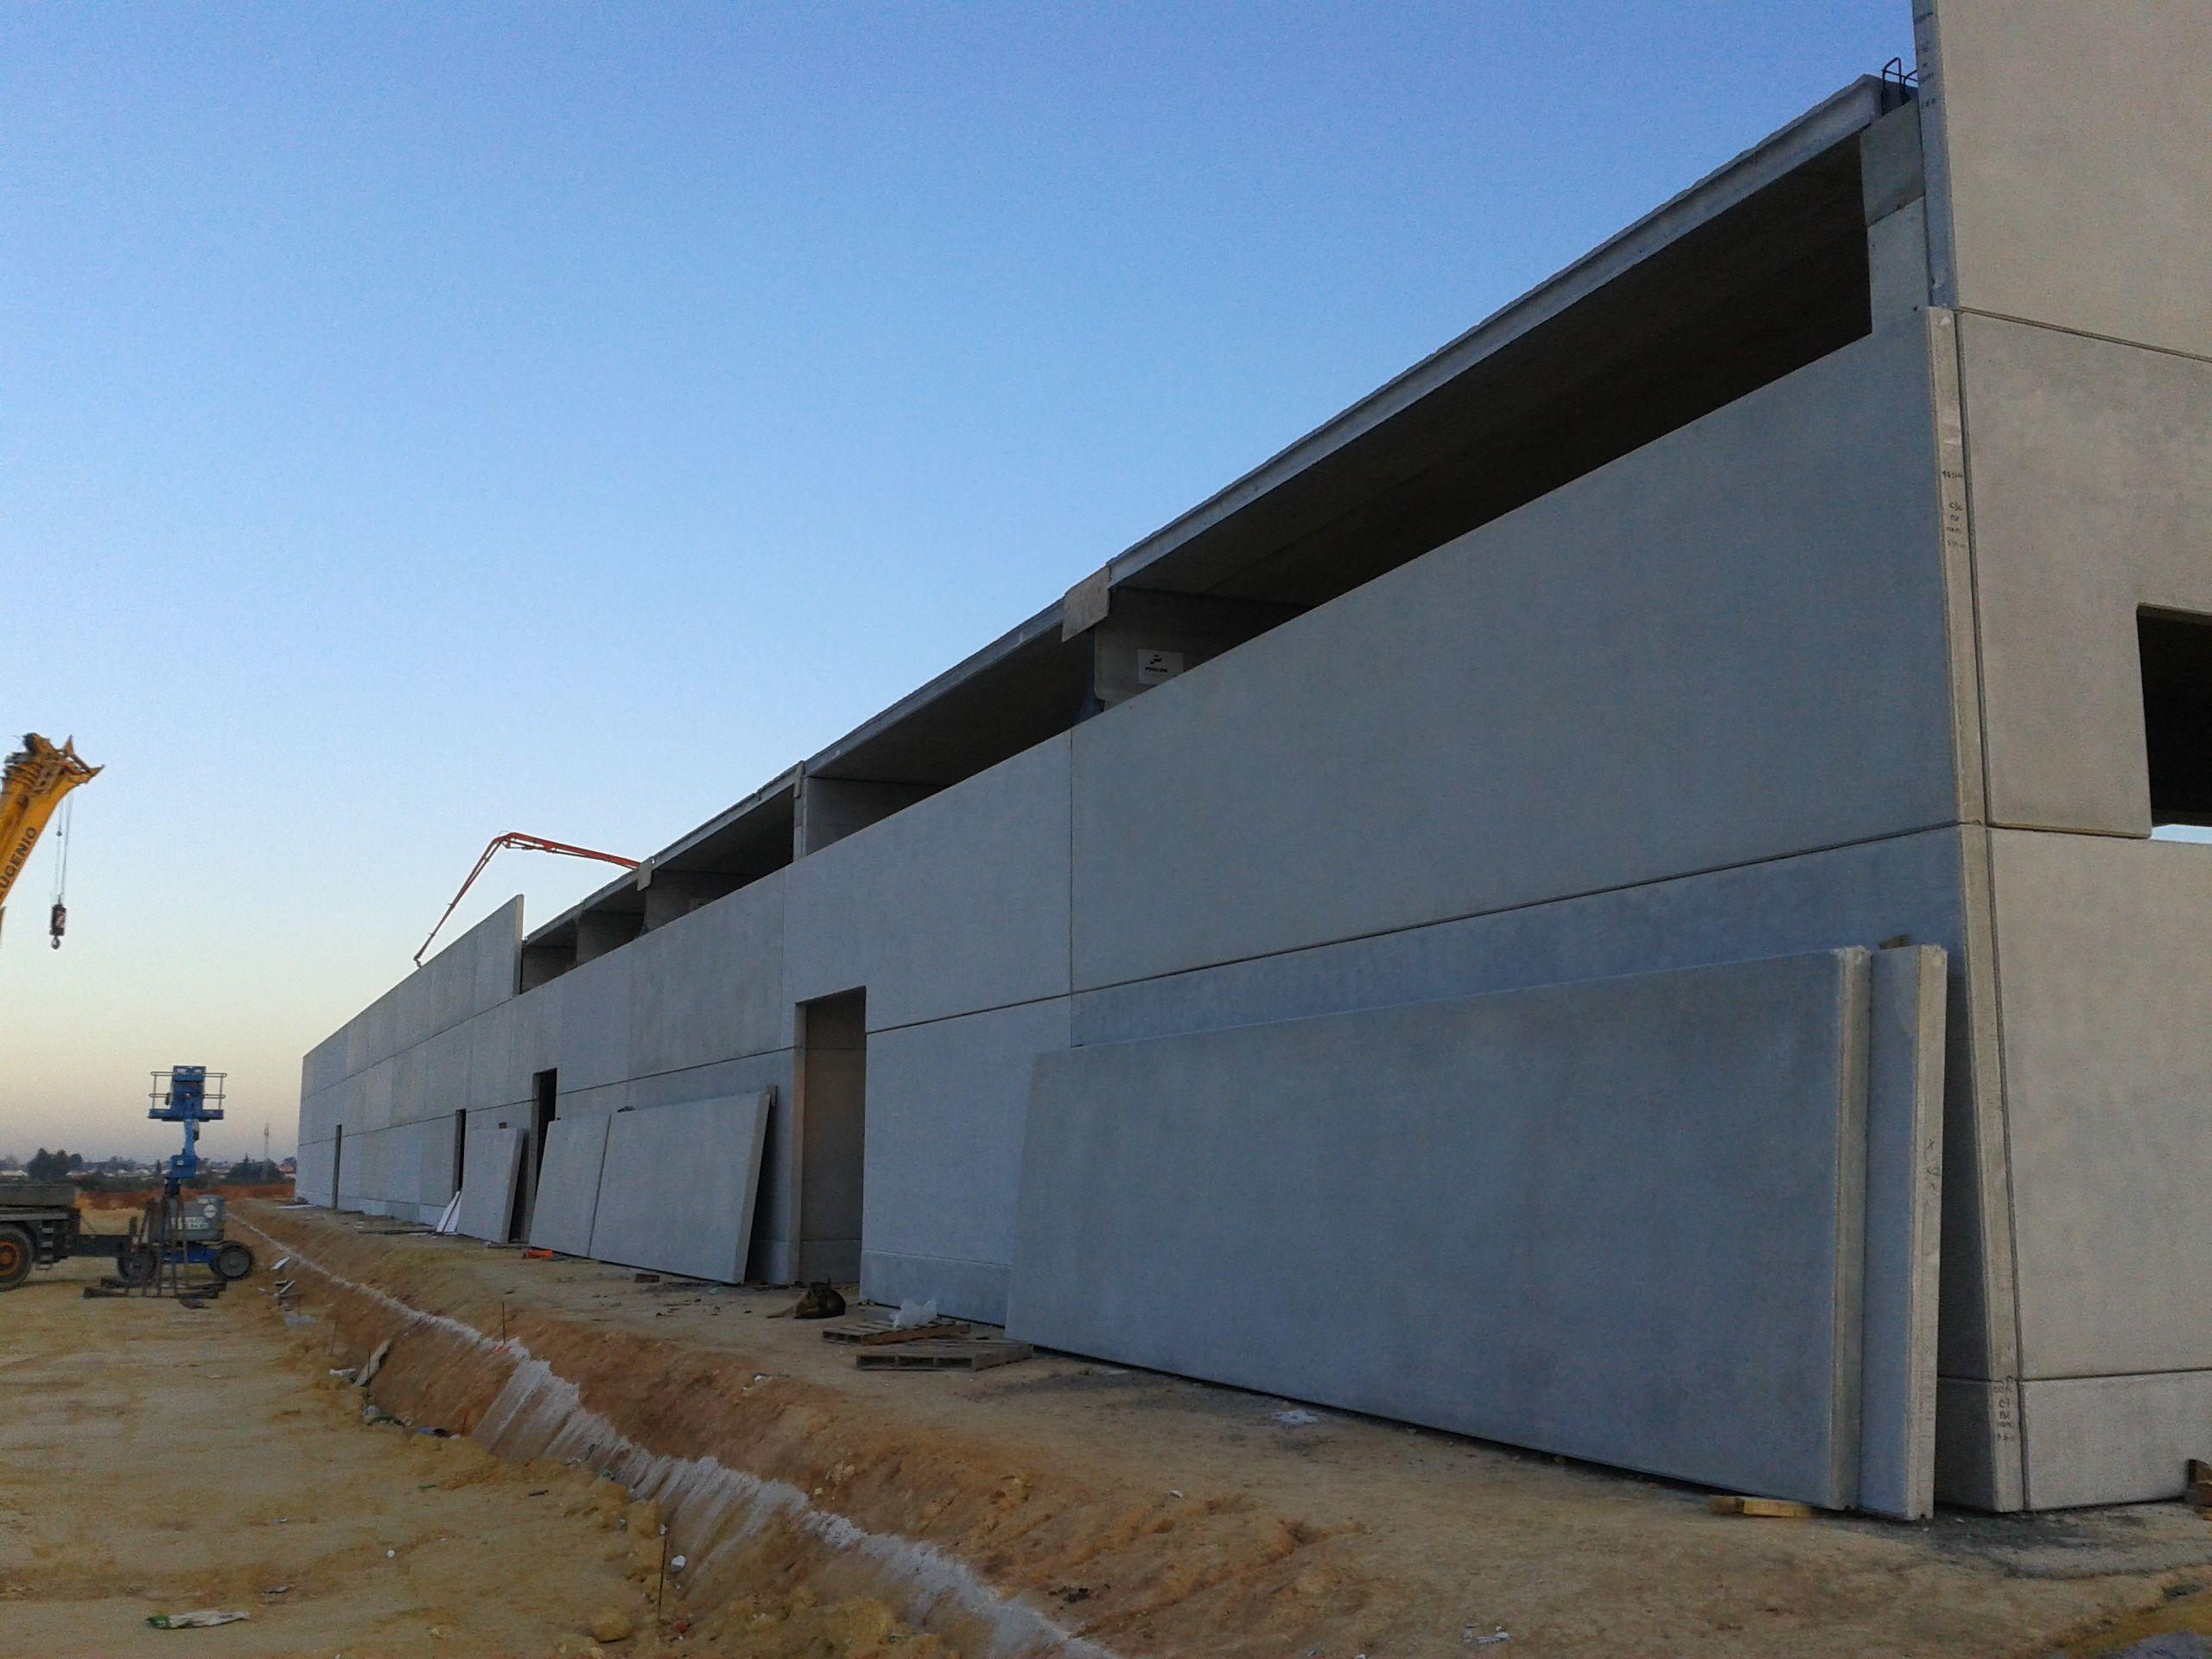 Montaje placas prefabricadas hormigón cerramiento - Nave | Fachada ...